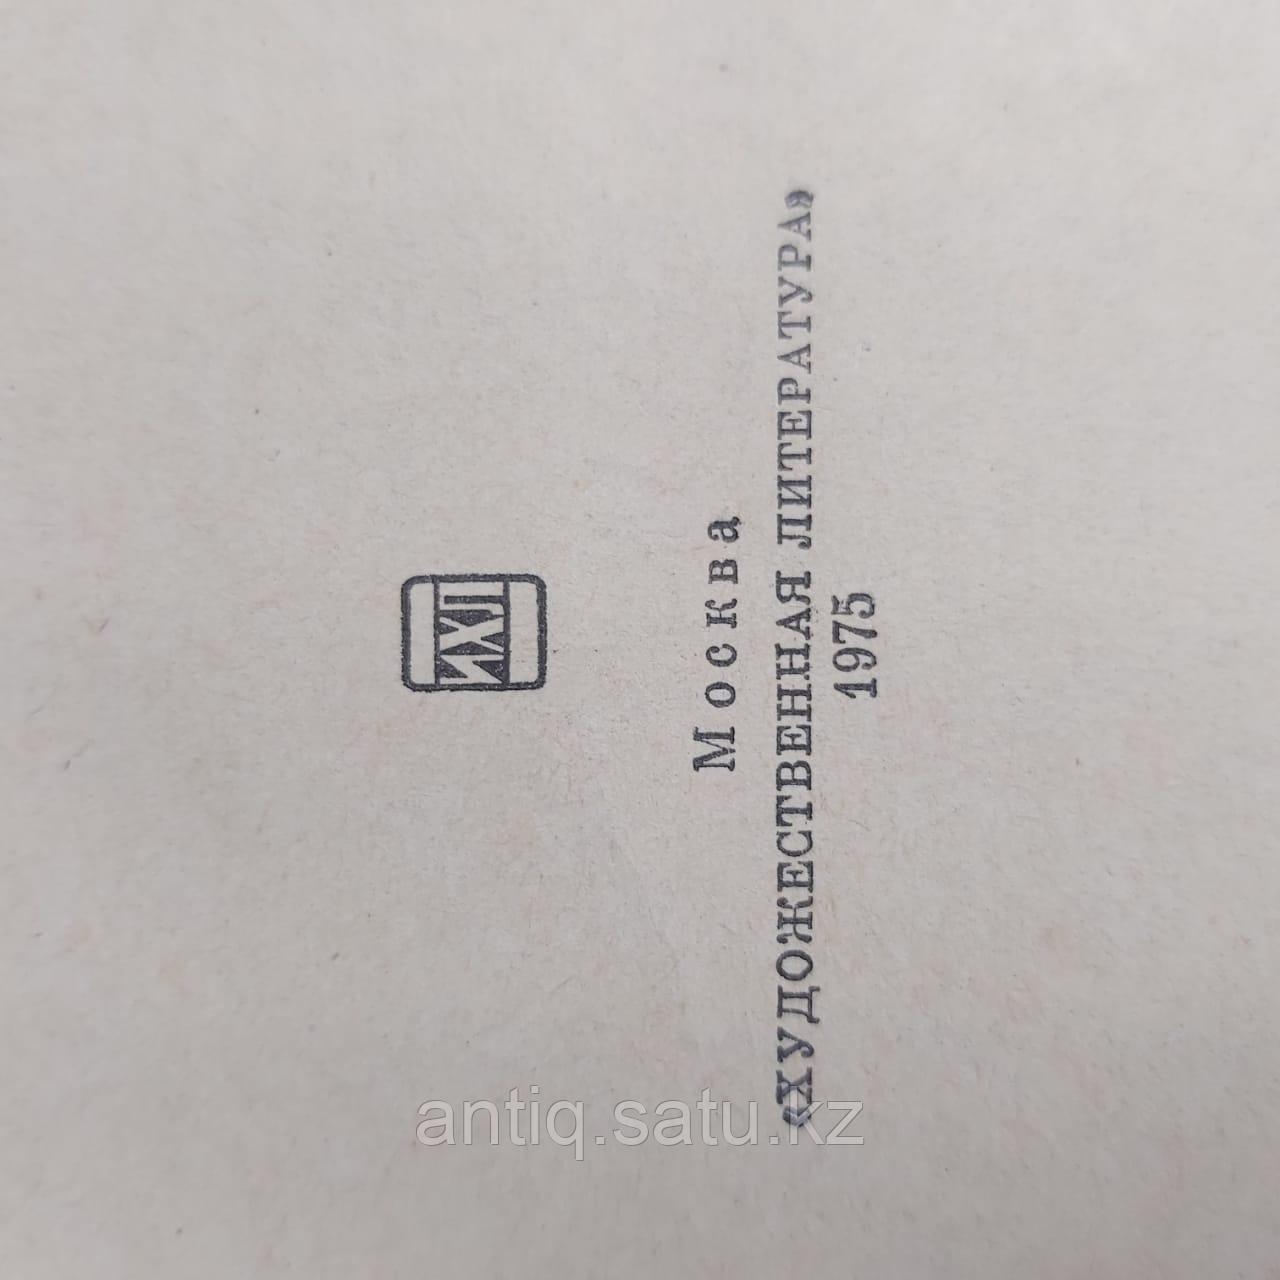 «Жизнеописание Султана аз-Захира Бейбарса» Автор: перевод с арабского В. Кирпиченко. - фото 3